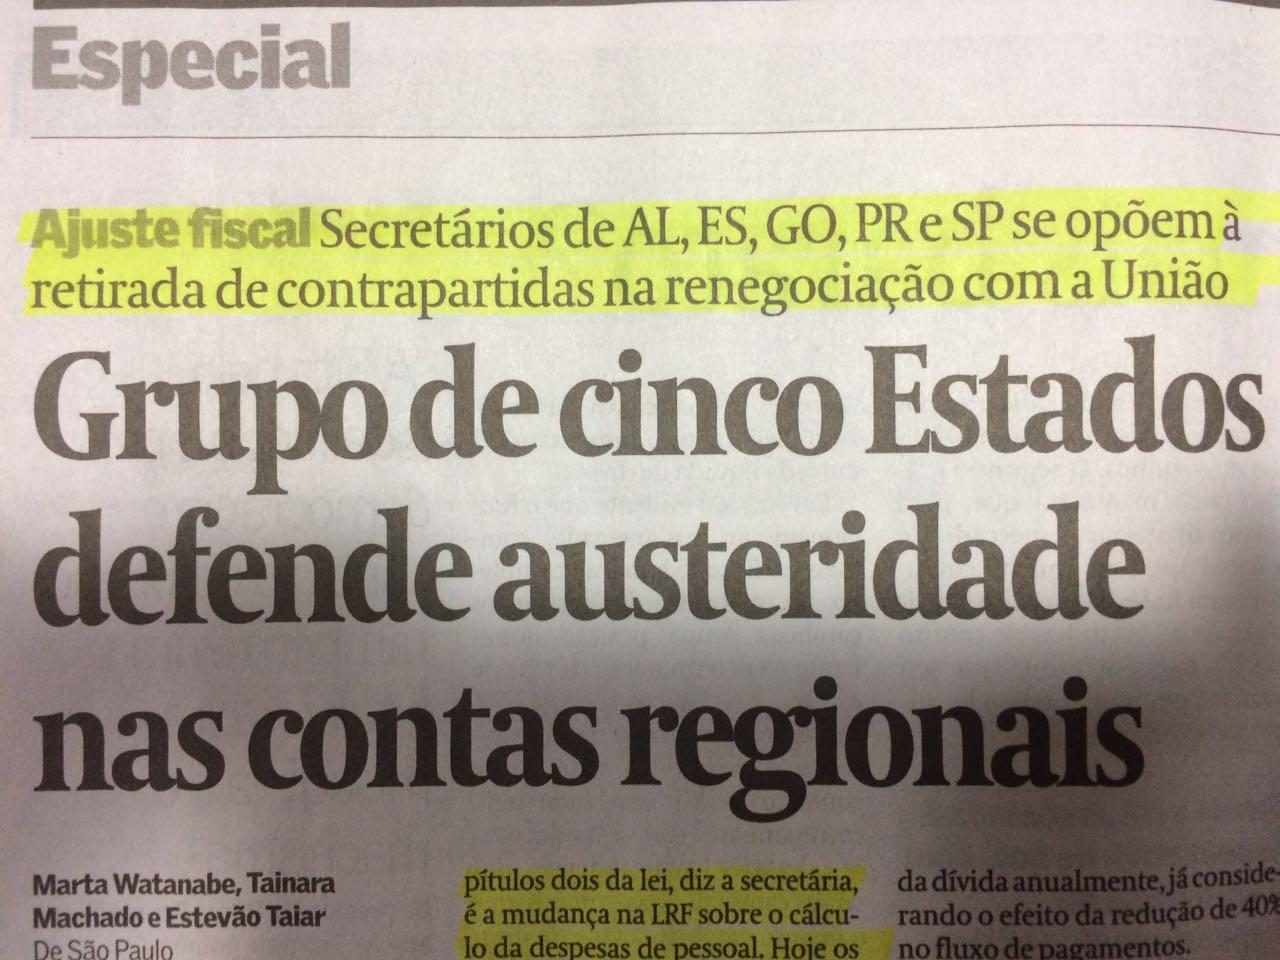 Grupo de cinco Estados defende austeridade nas contas regionais